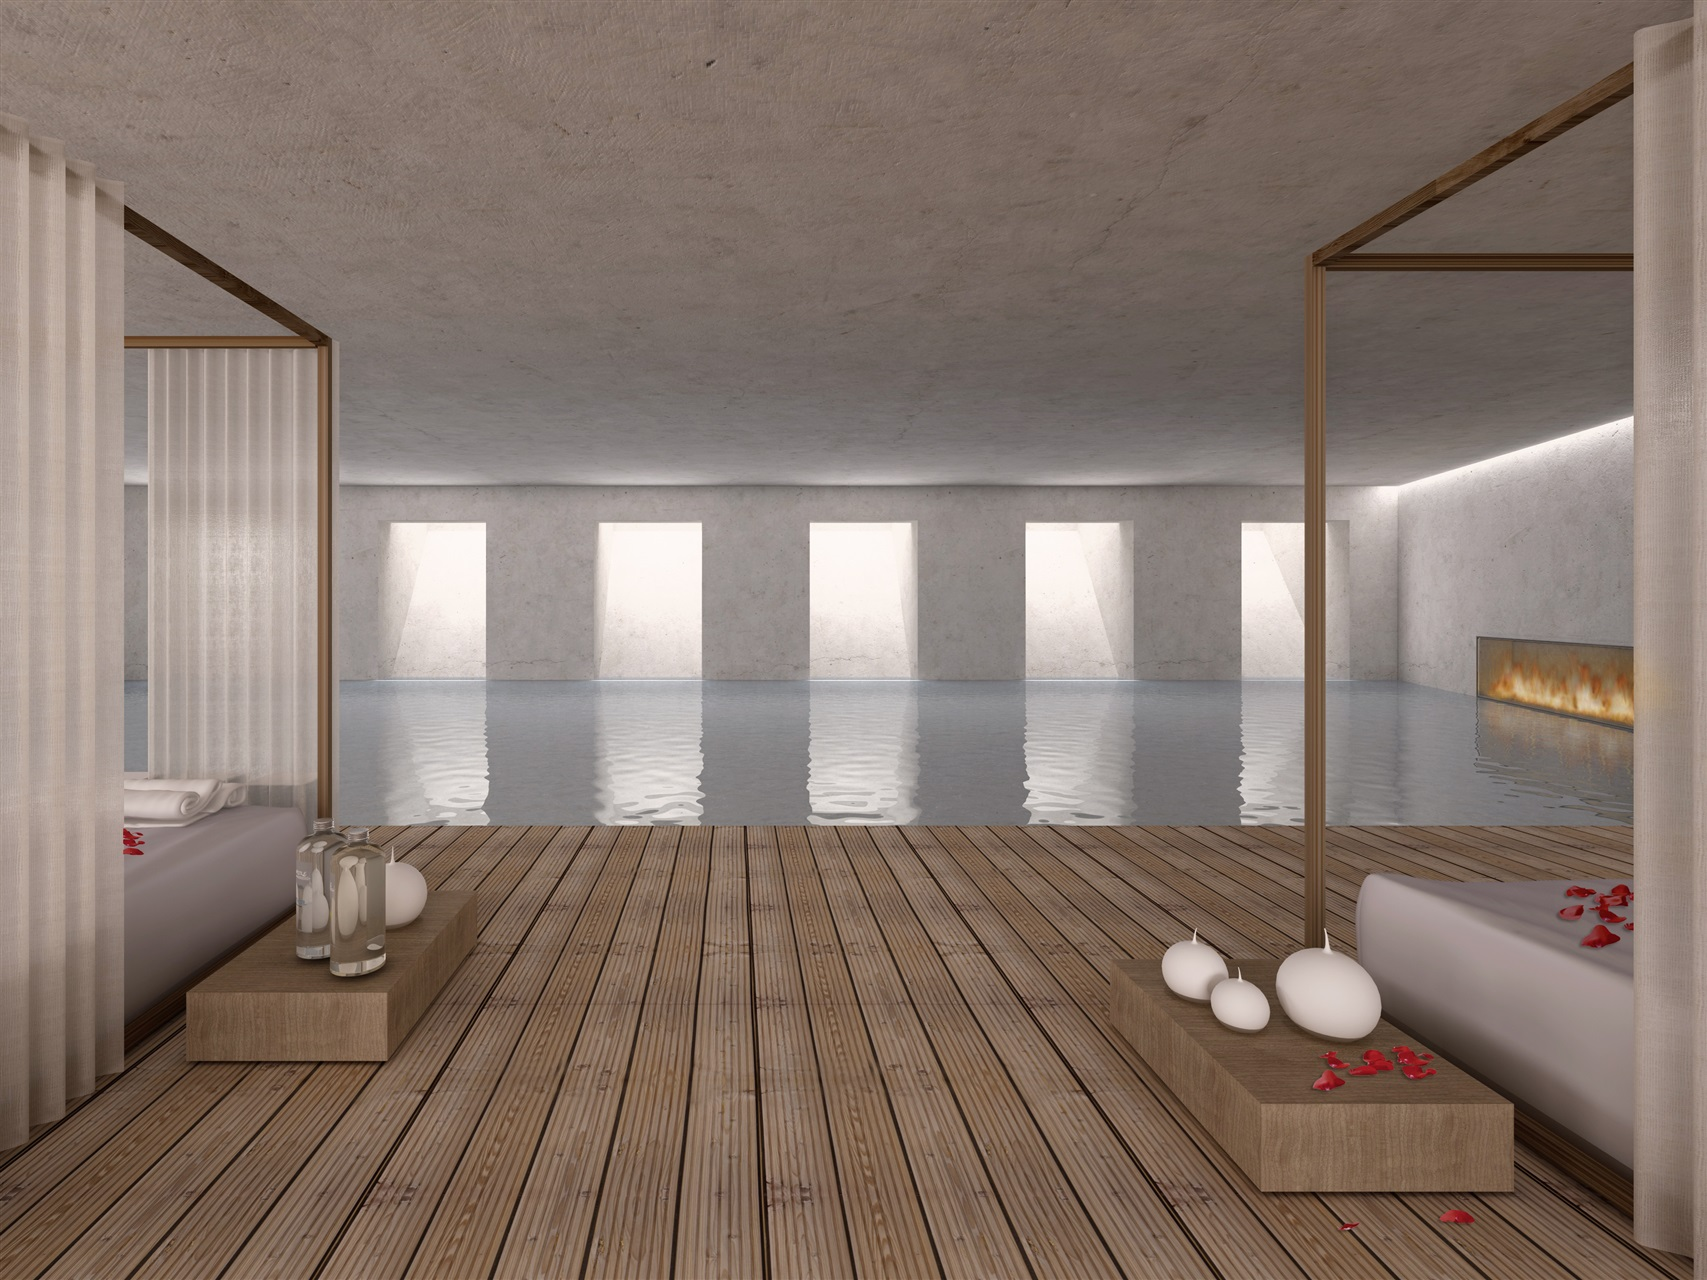 Flat, 2 bedrooms, for Sale Lisboa, Lisbonne Portugal